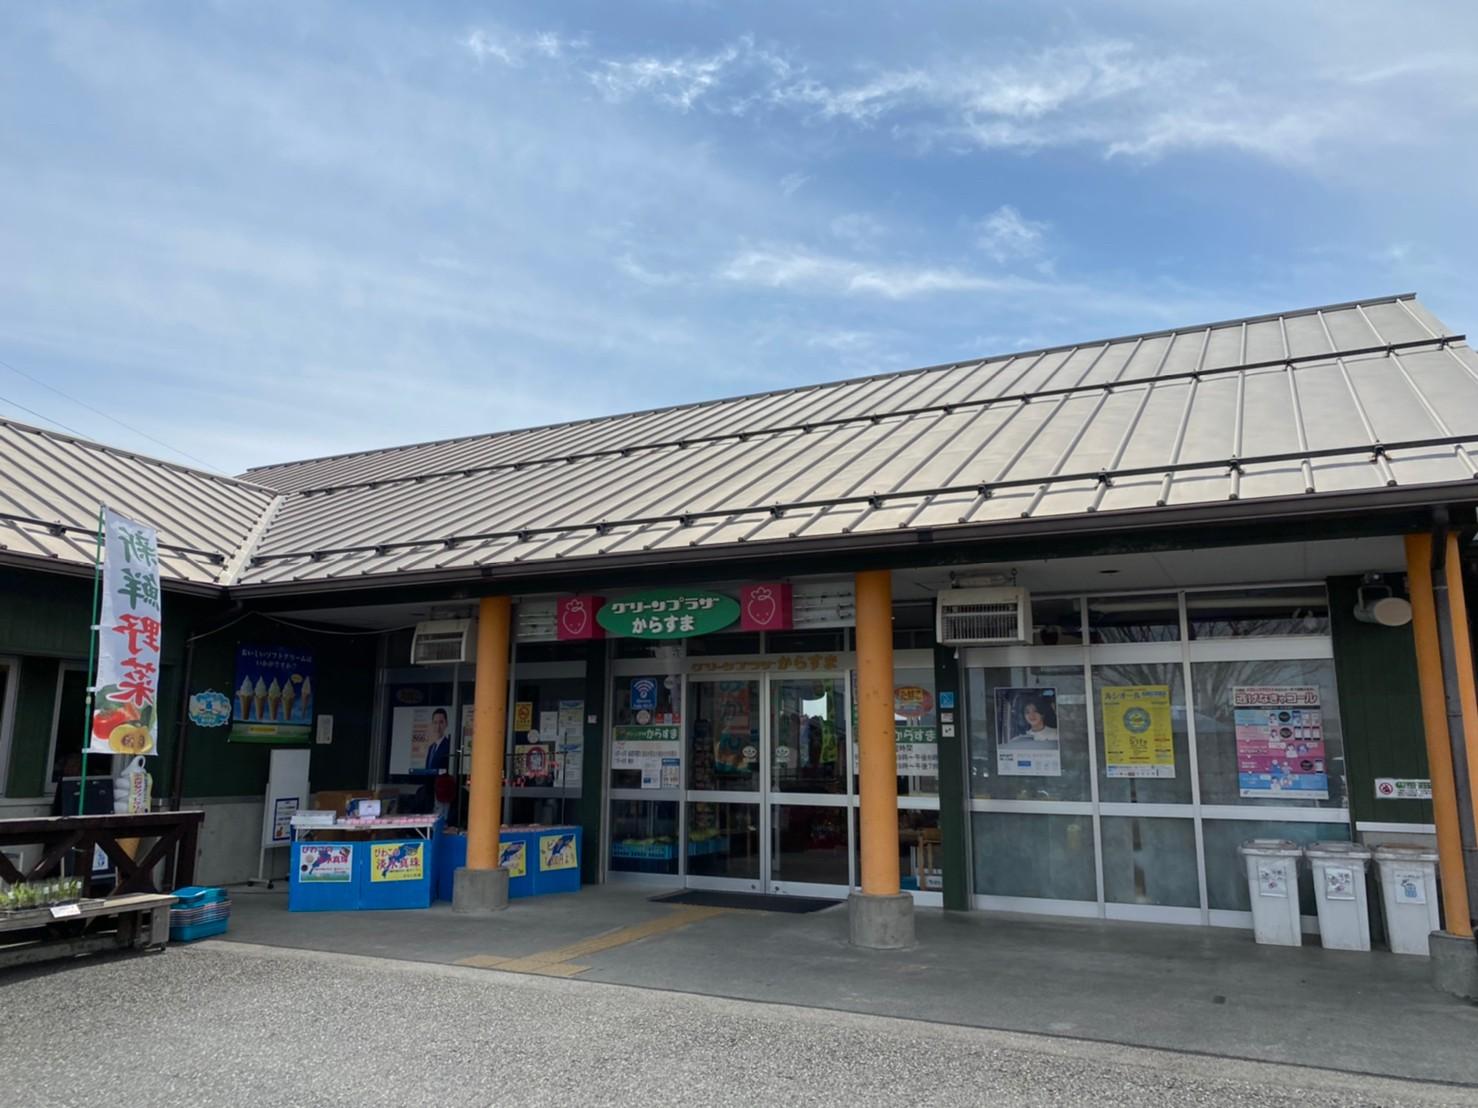 【草津市】『道の駅 草津 グリーンプラザからすま』の駐車場・ショップガイド